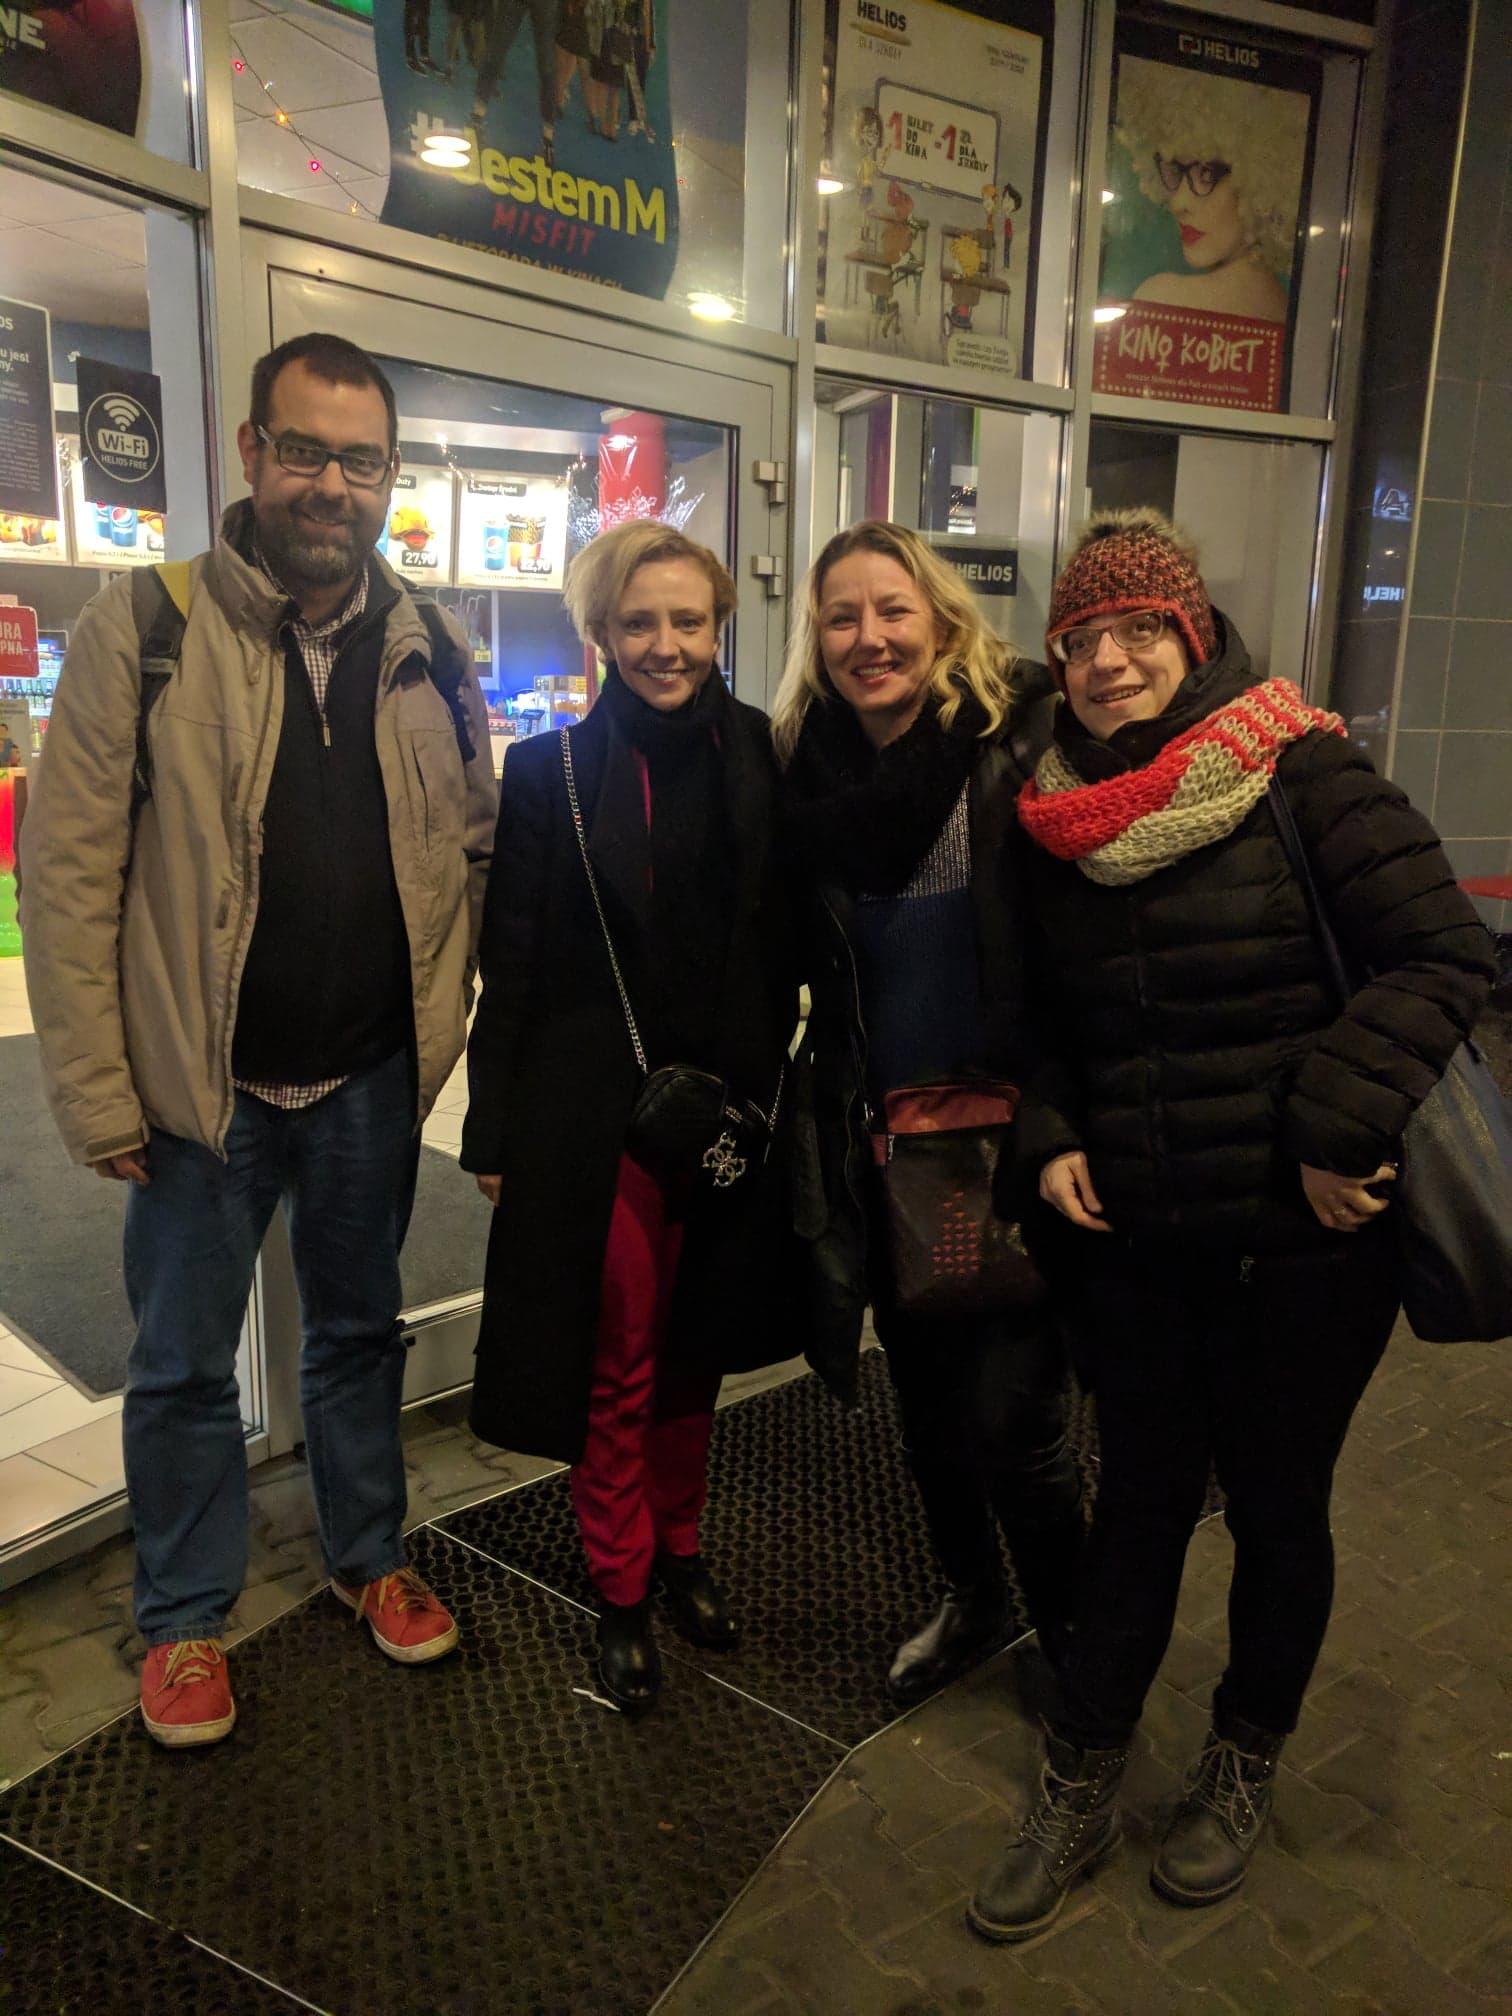 Od lewej Maciej Gil, Barbara Kurzaj , Regina, Justyna Margielewska.